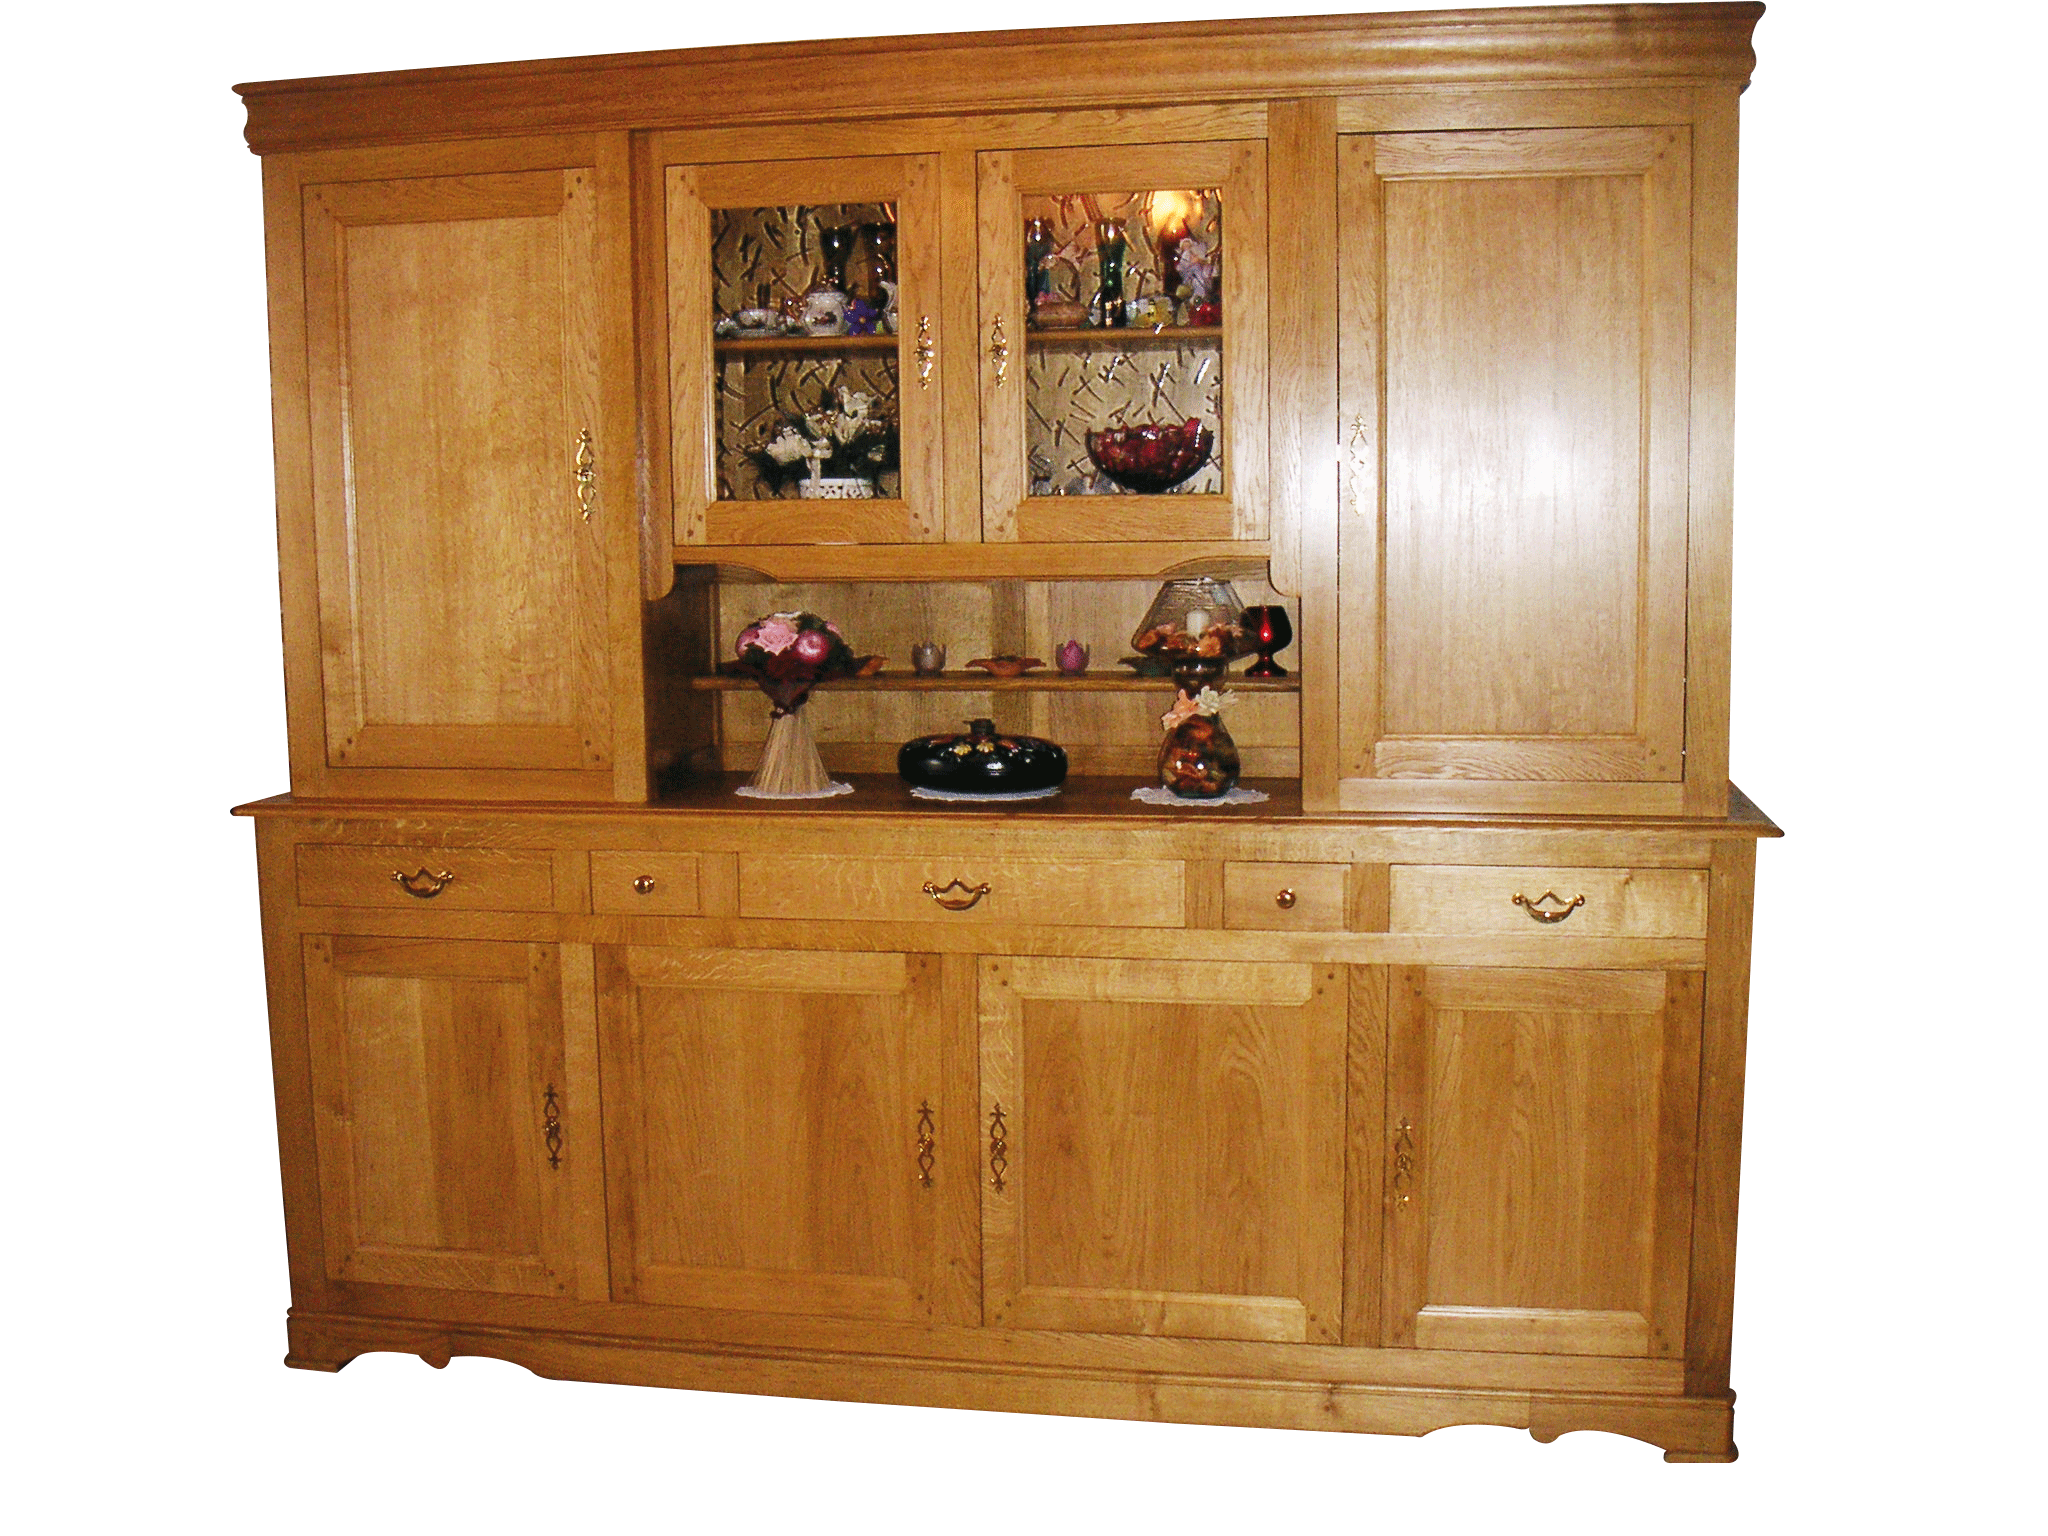 Un buffet vaisselier deux corps bois le bouvet for Buffet vaisselier